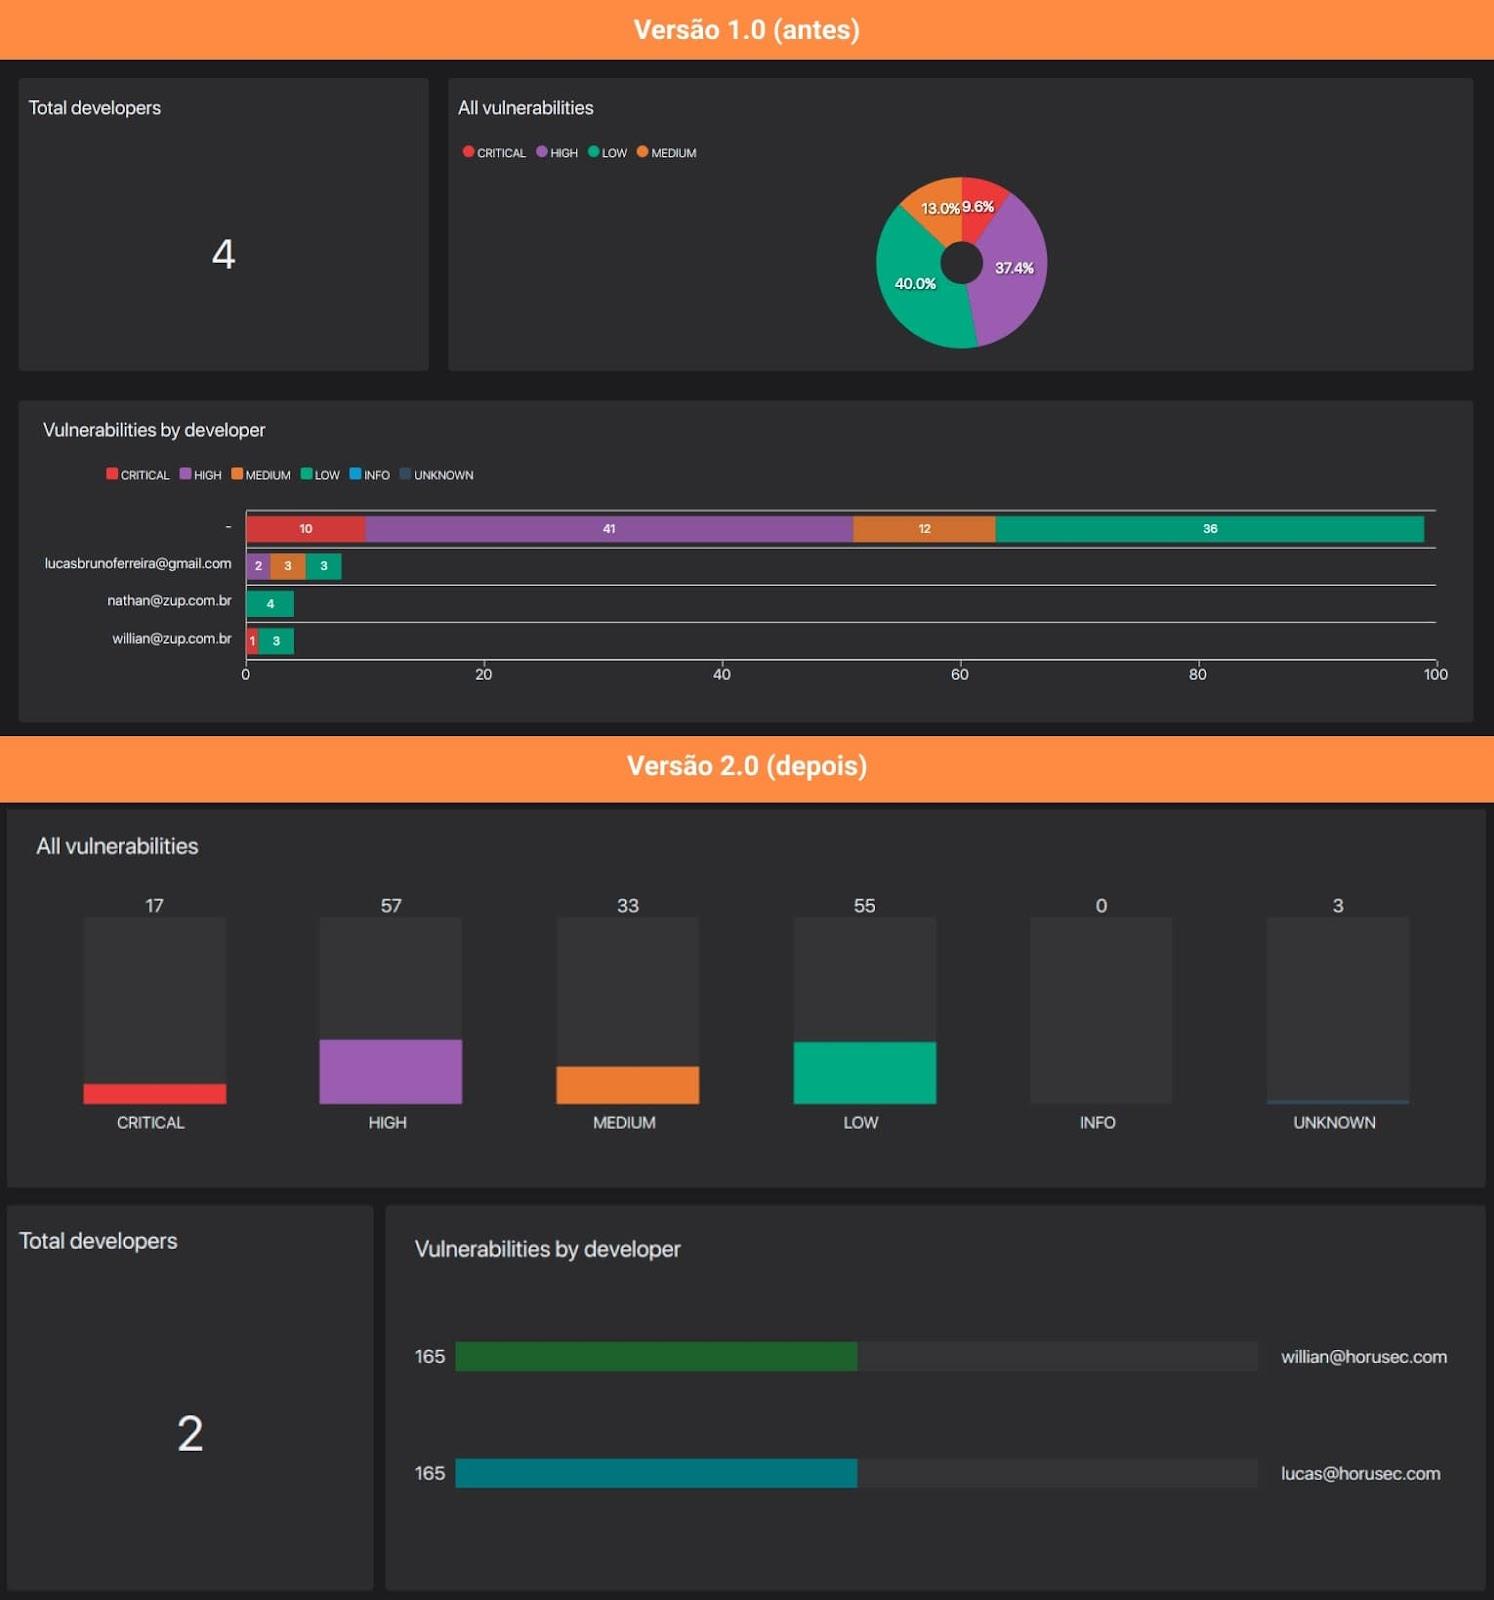 Imagem apresentando duas versões da tela de gráficos do Horusec manager, a primeira versão os gráficos são considerados com pouca acessibilidade pois a apresentação dos dados são dadas através de cores e a segunda versão os gráficos são acessíveis pois são apresentados em formato de barras extinguindo a legenda de cores.